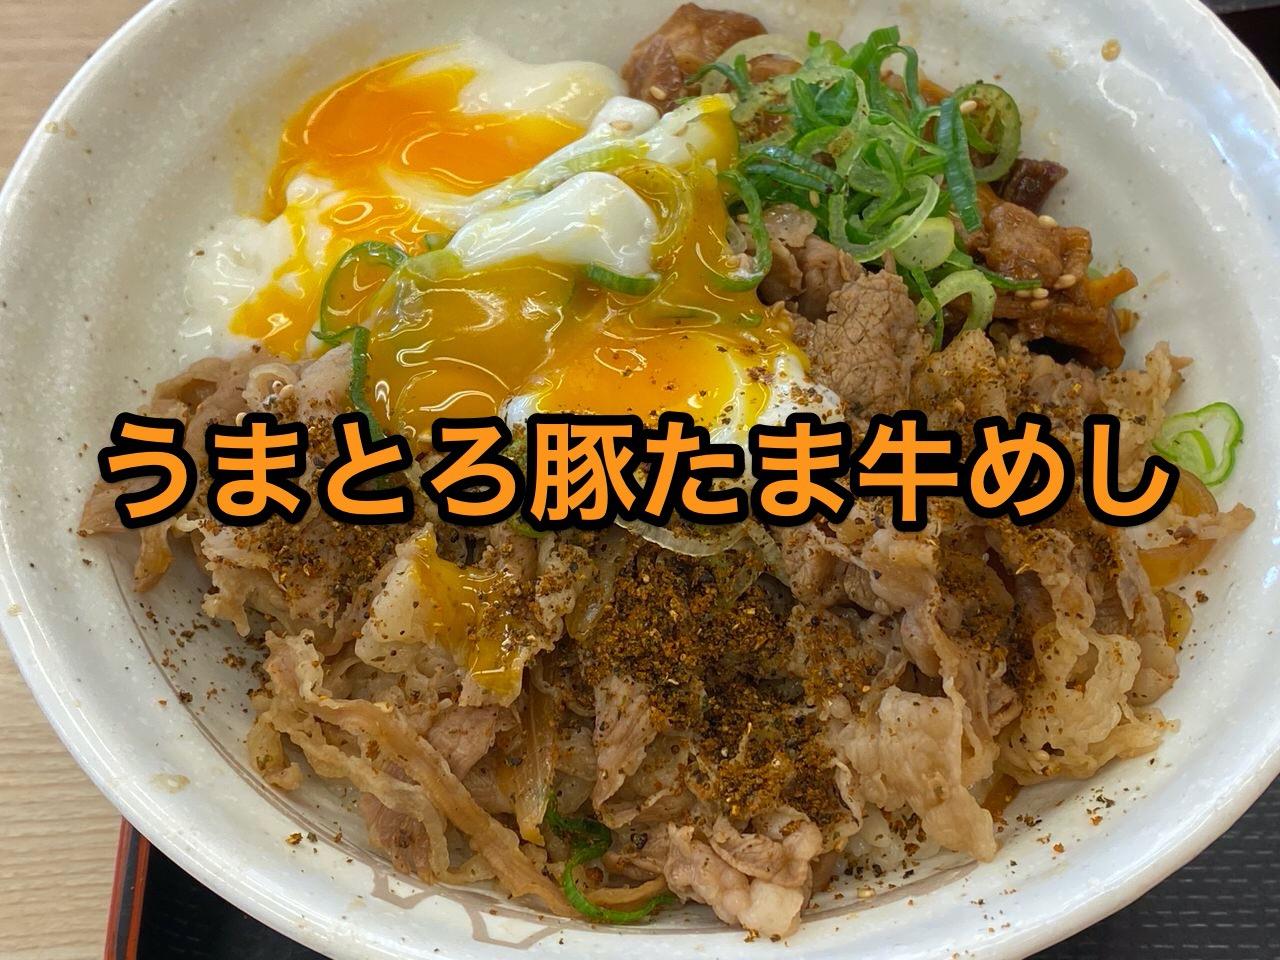 【松屋】「うまとろ豚たま牛めし」山椒たっぷりがオススメ!豚と牛と鶏をガッツリ食べる